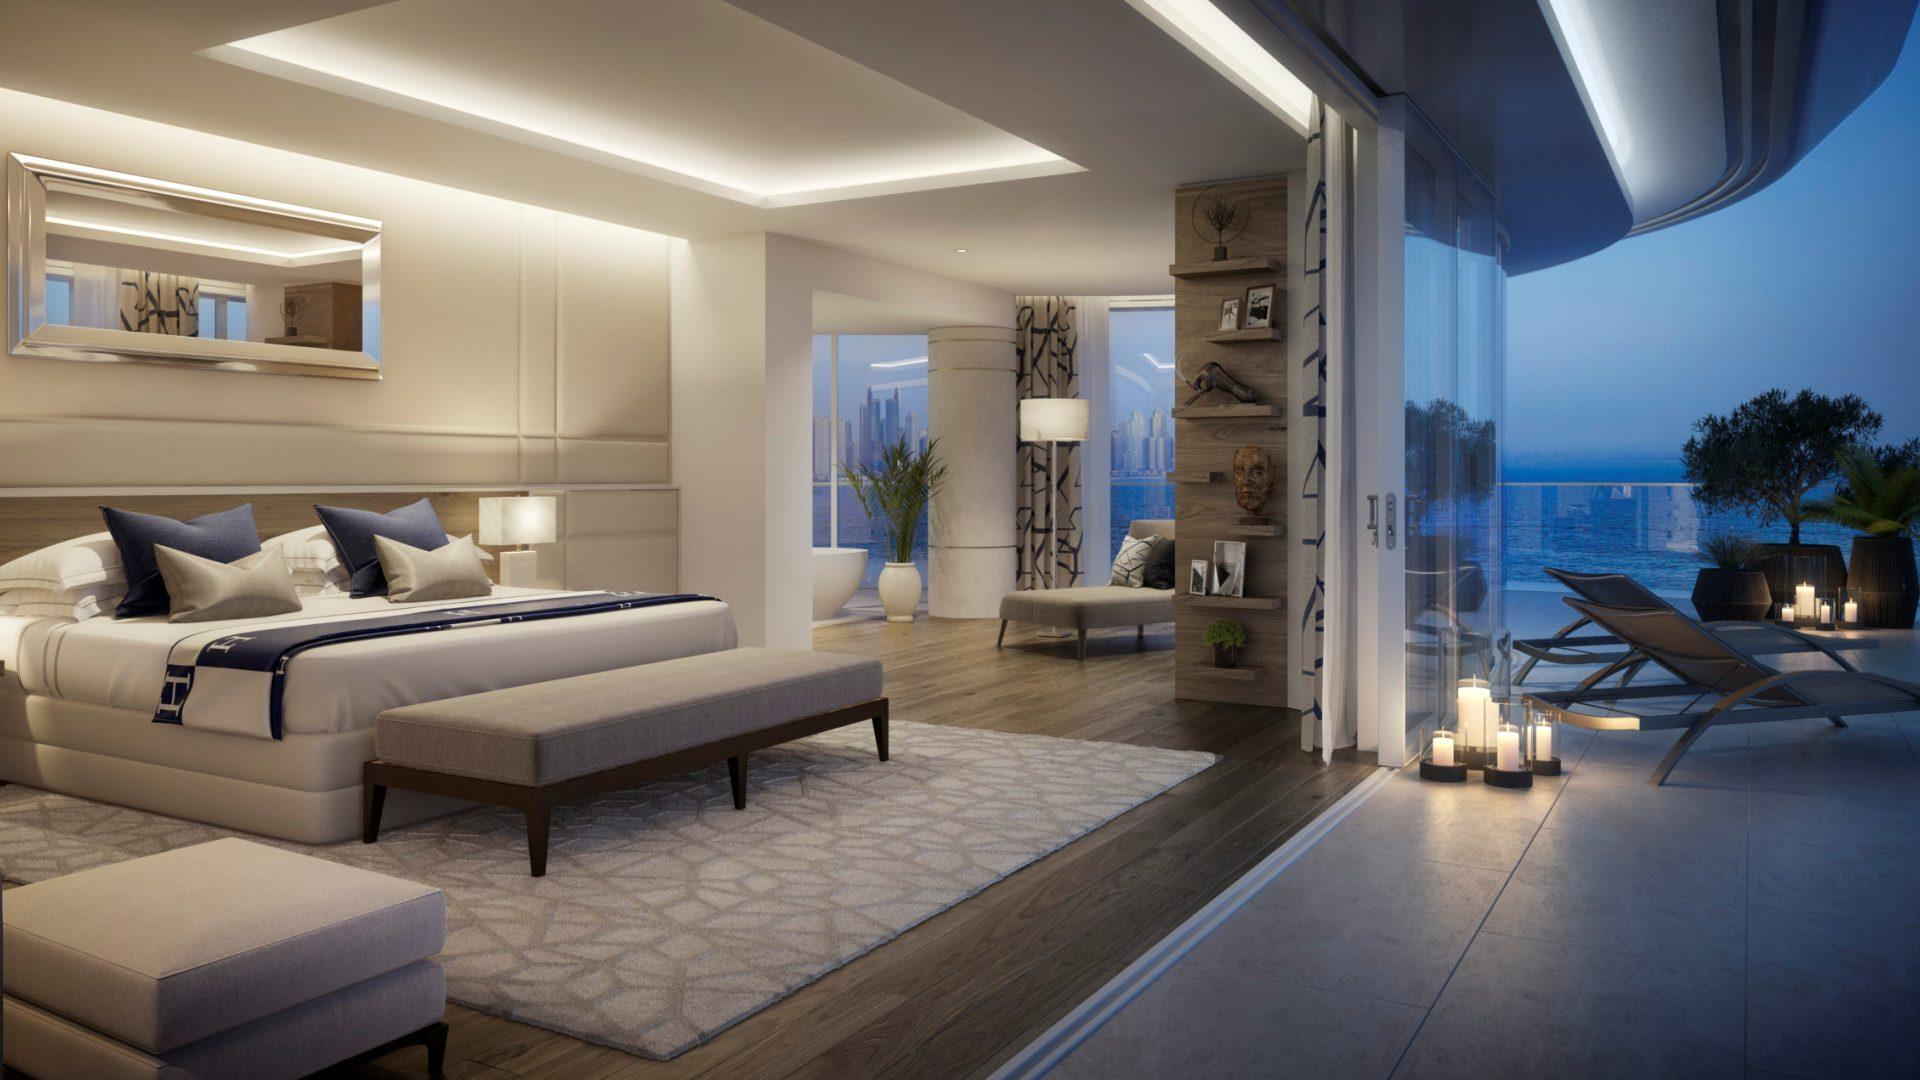 Ático en venta en Dubai, EAU, 3 dormitorios, 556 m2, № 24314 – foto 1